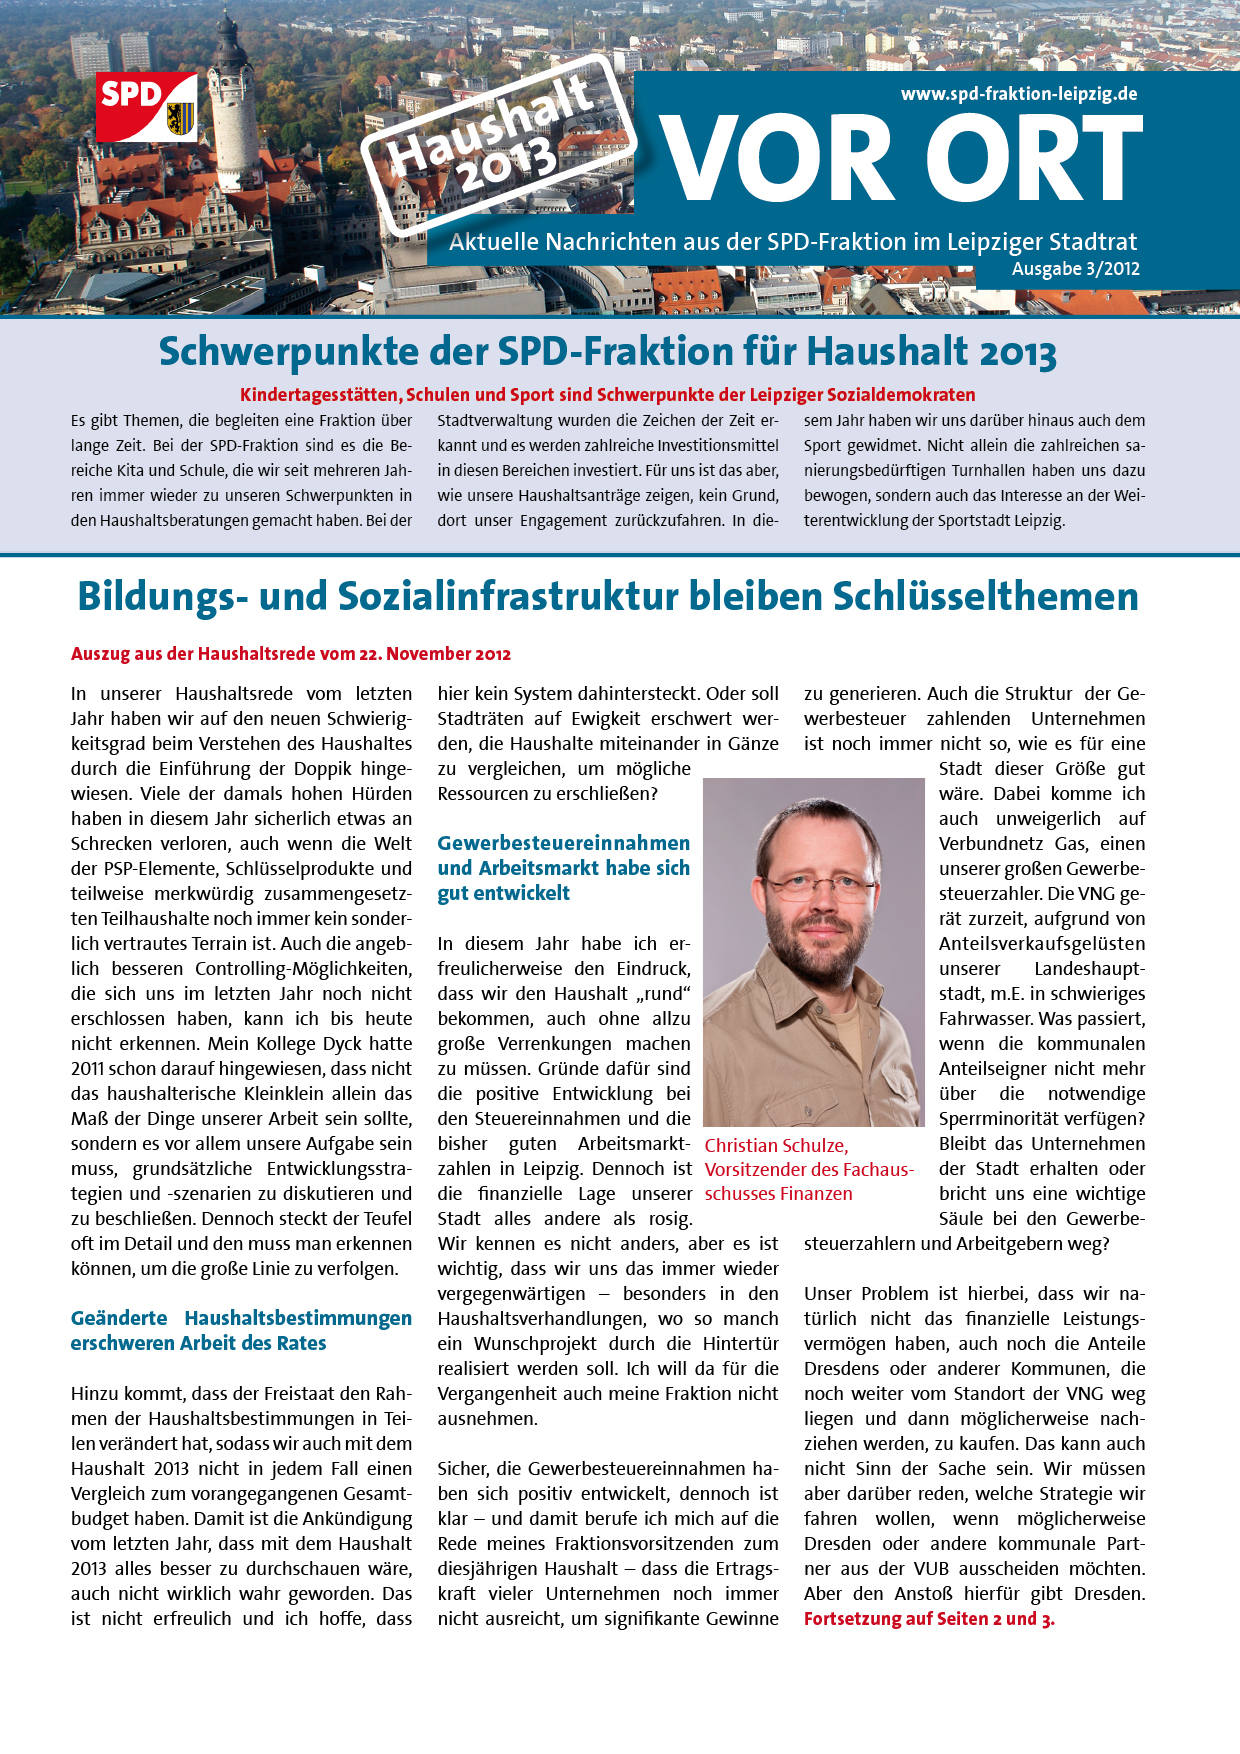 VOR ORT, Ausgabe 3/2012